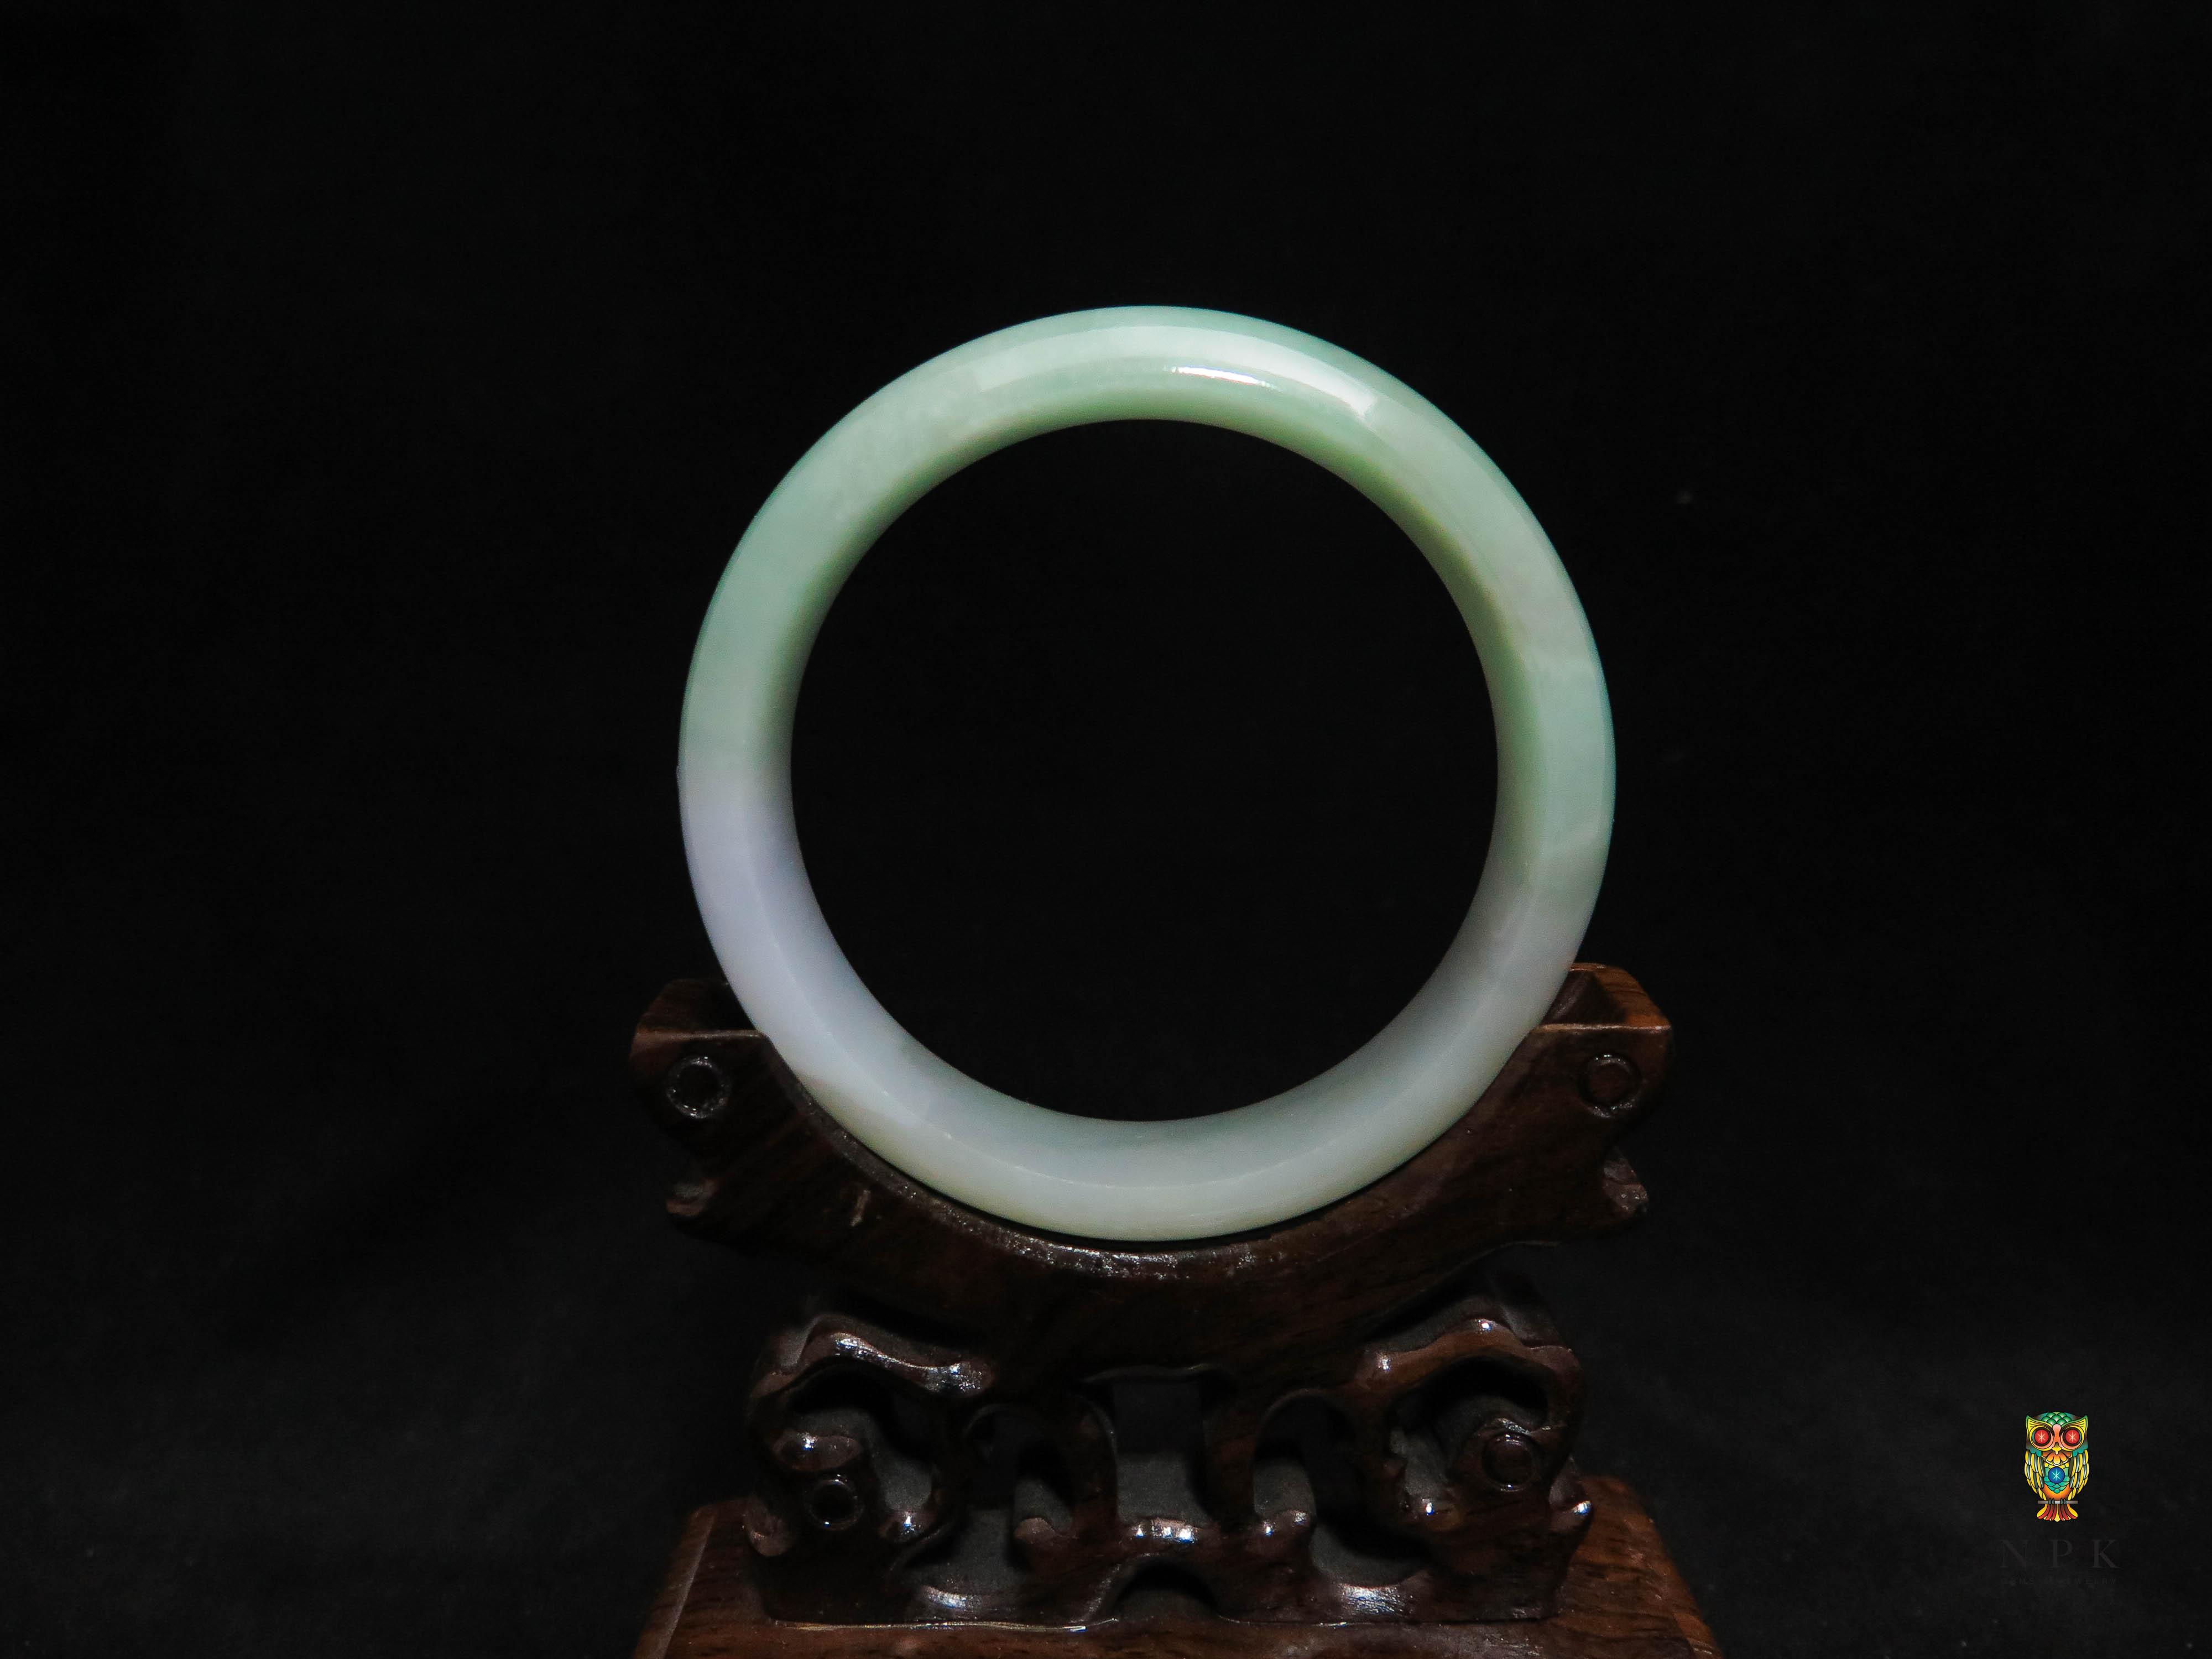 กำไลหยกพม่าขาวเขียวเนื้อใส (Burma jade bangle)